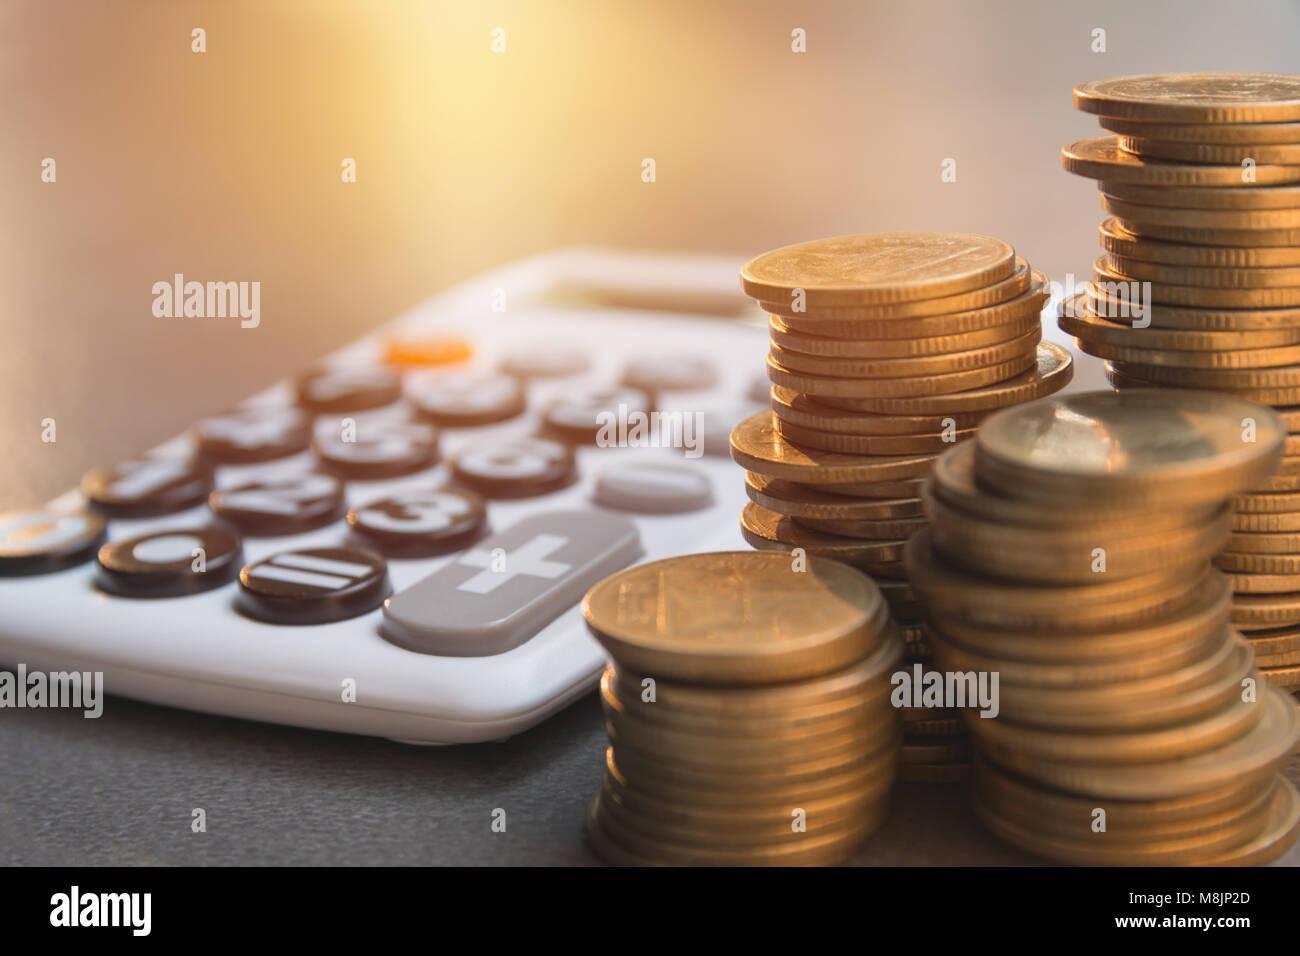 Geld sparen mit Geld coin stack wächst und Rechner für Business- und Rechnungswesen Konzept. Stockbild